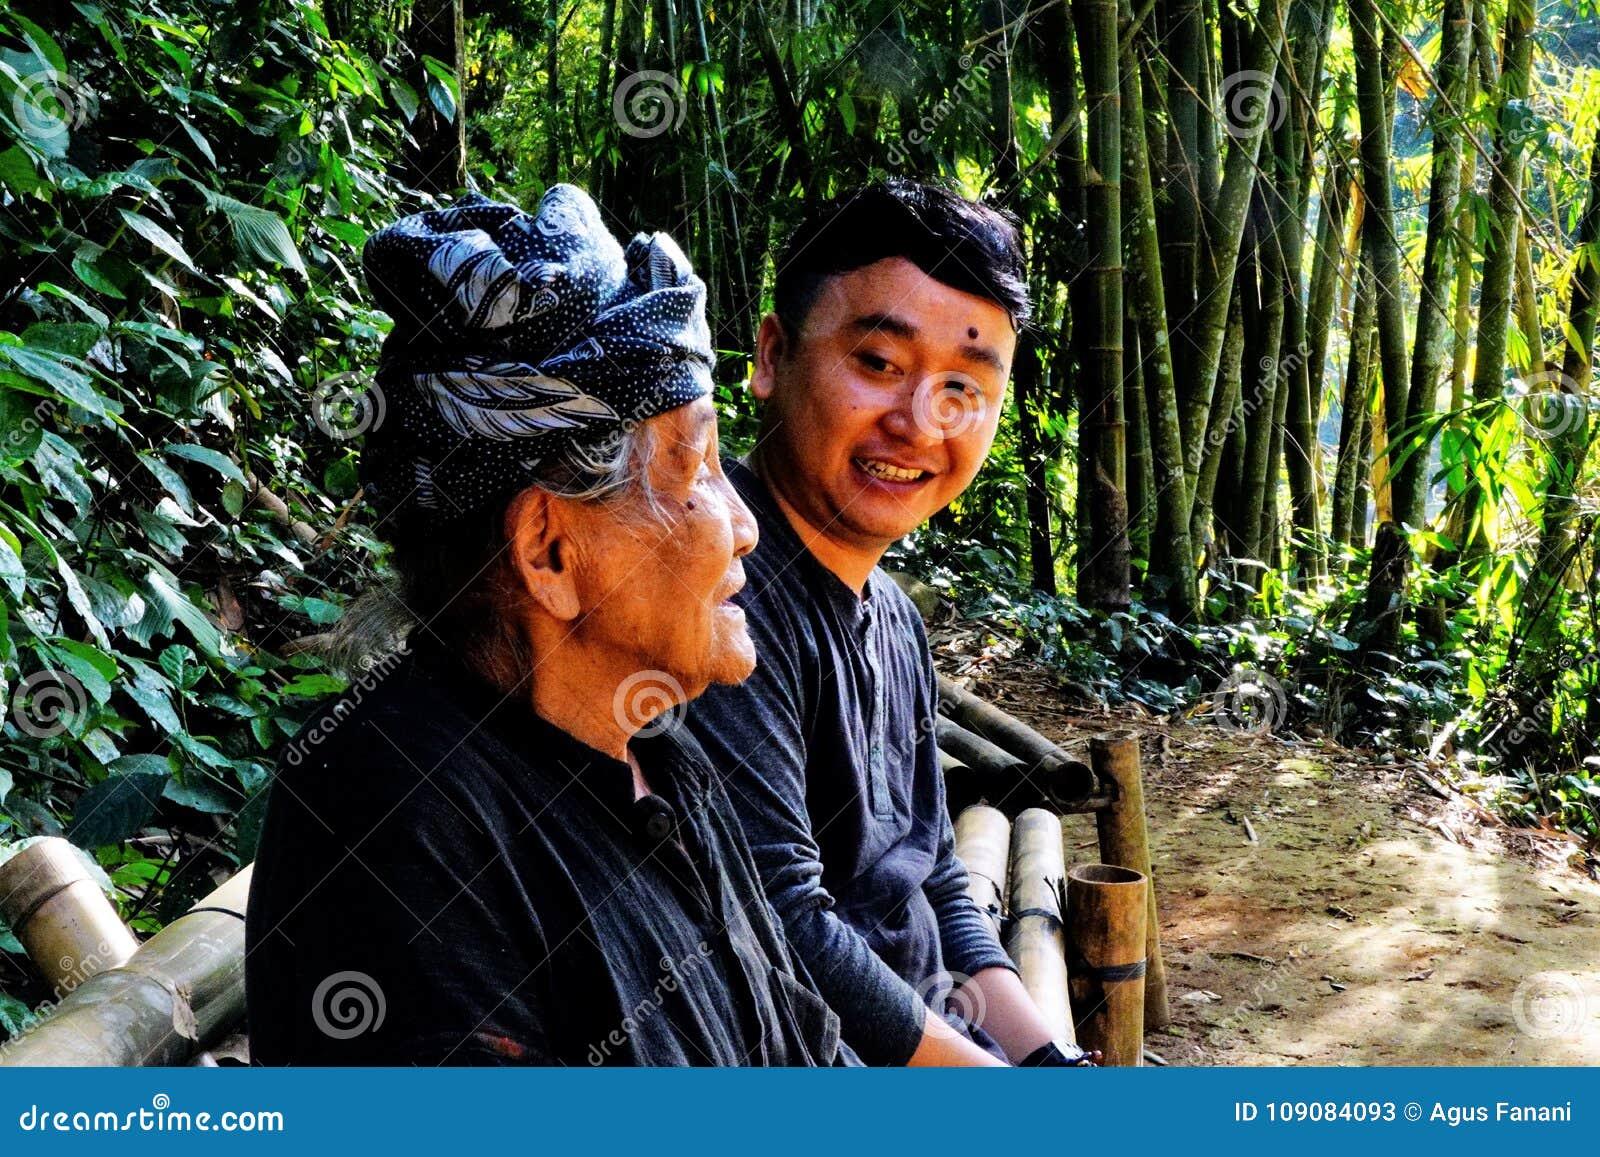 2 поколения от 2 различных культур